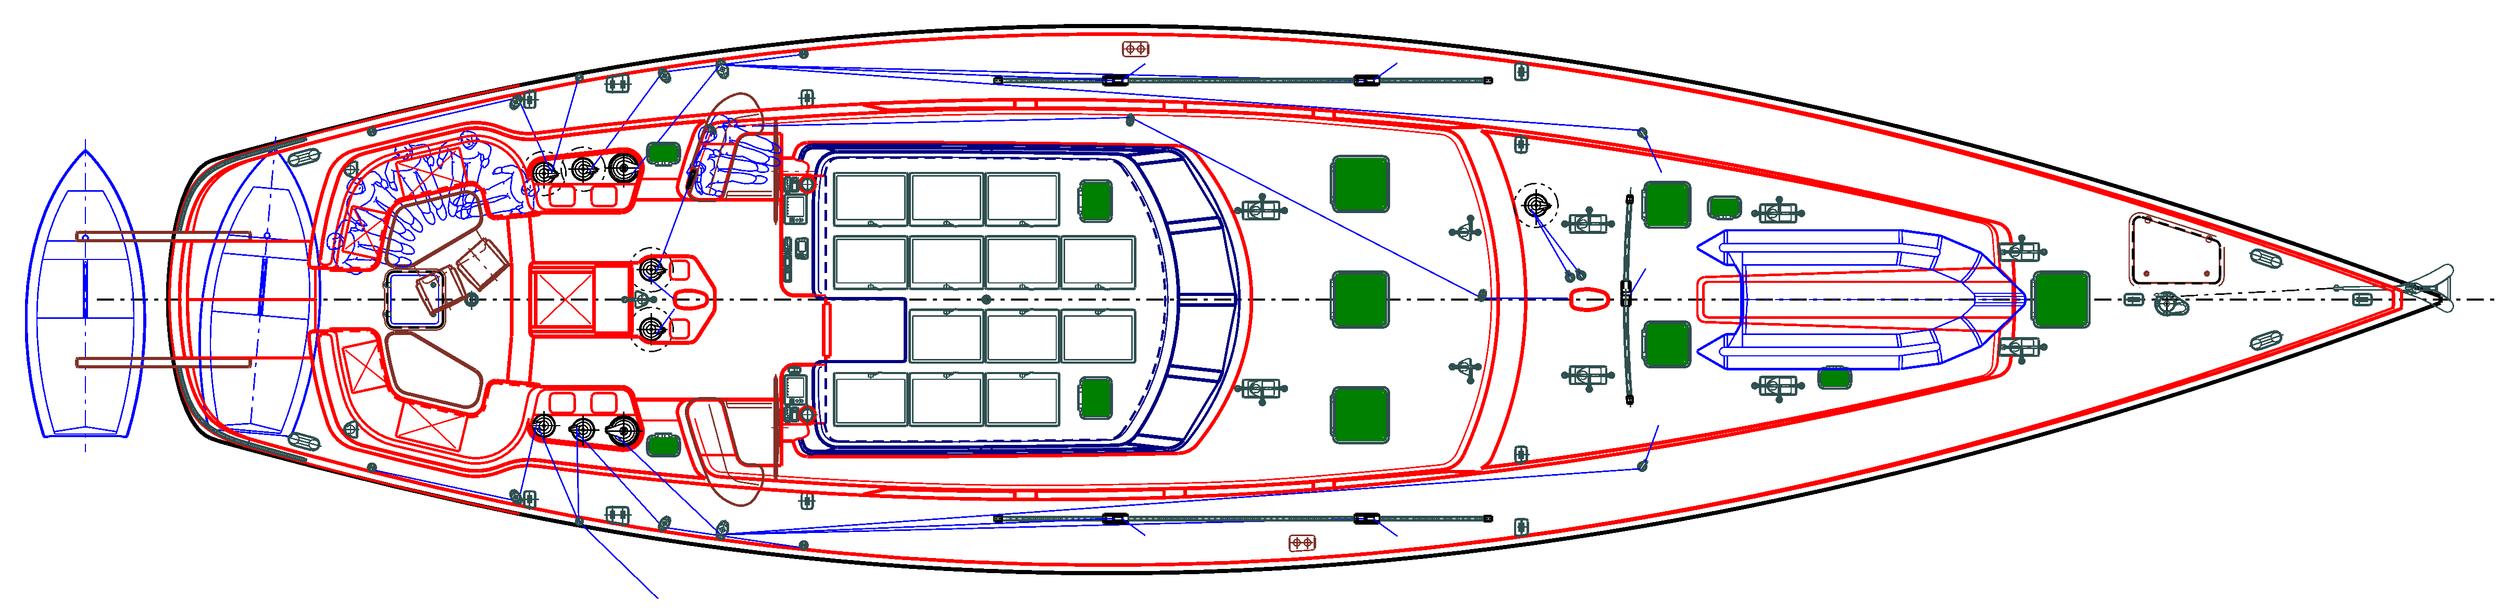 tarni_deck_plan.png